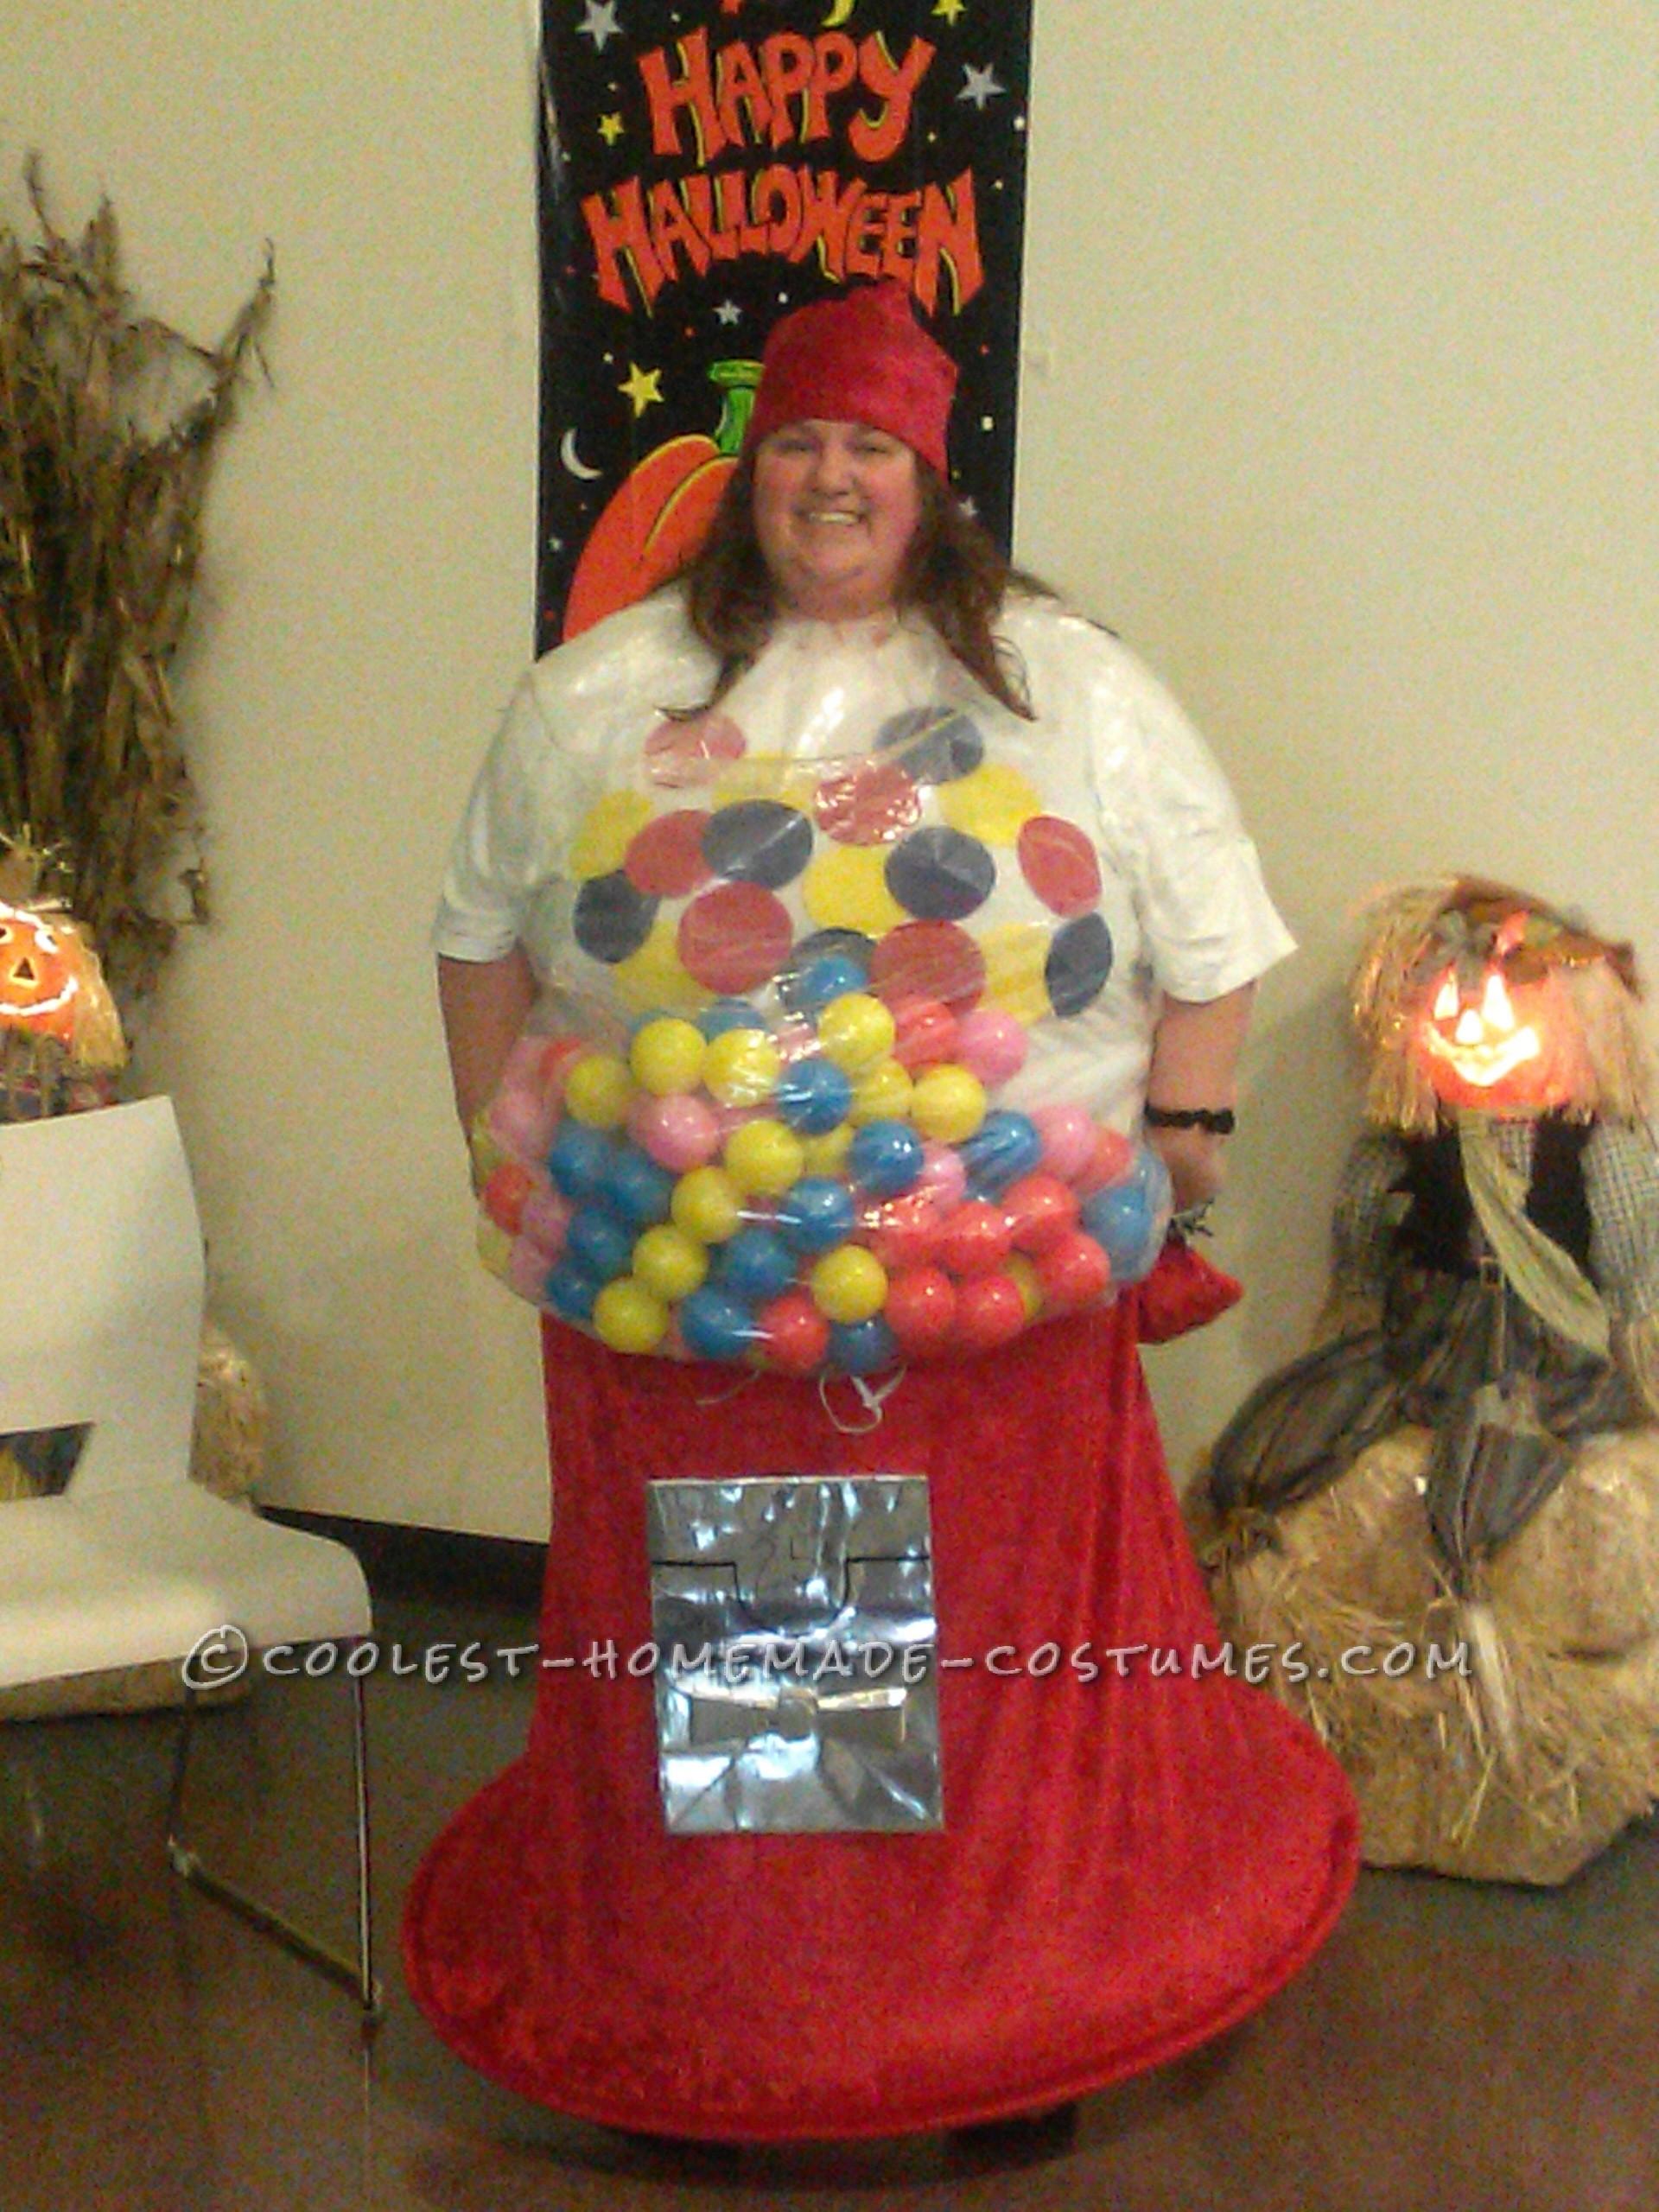 Coolest Homemade Gumball Machine Costume